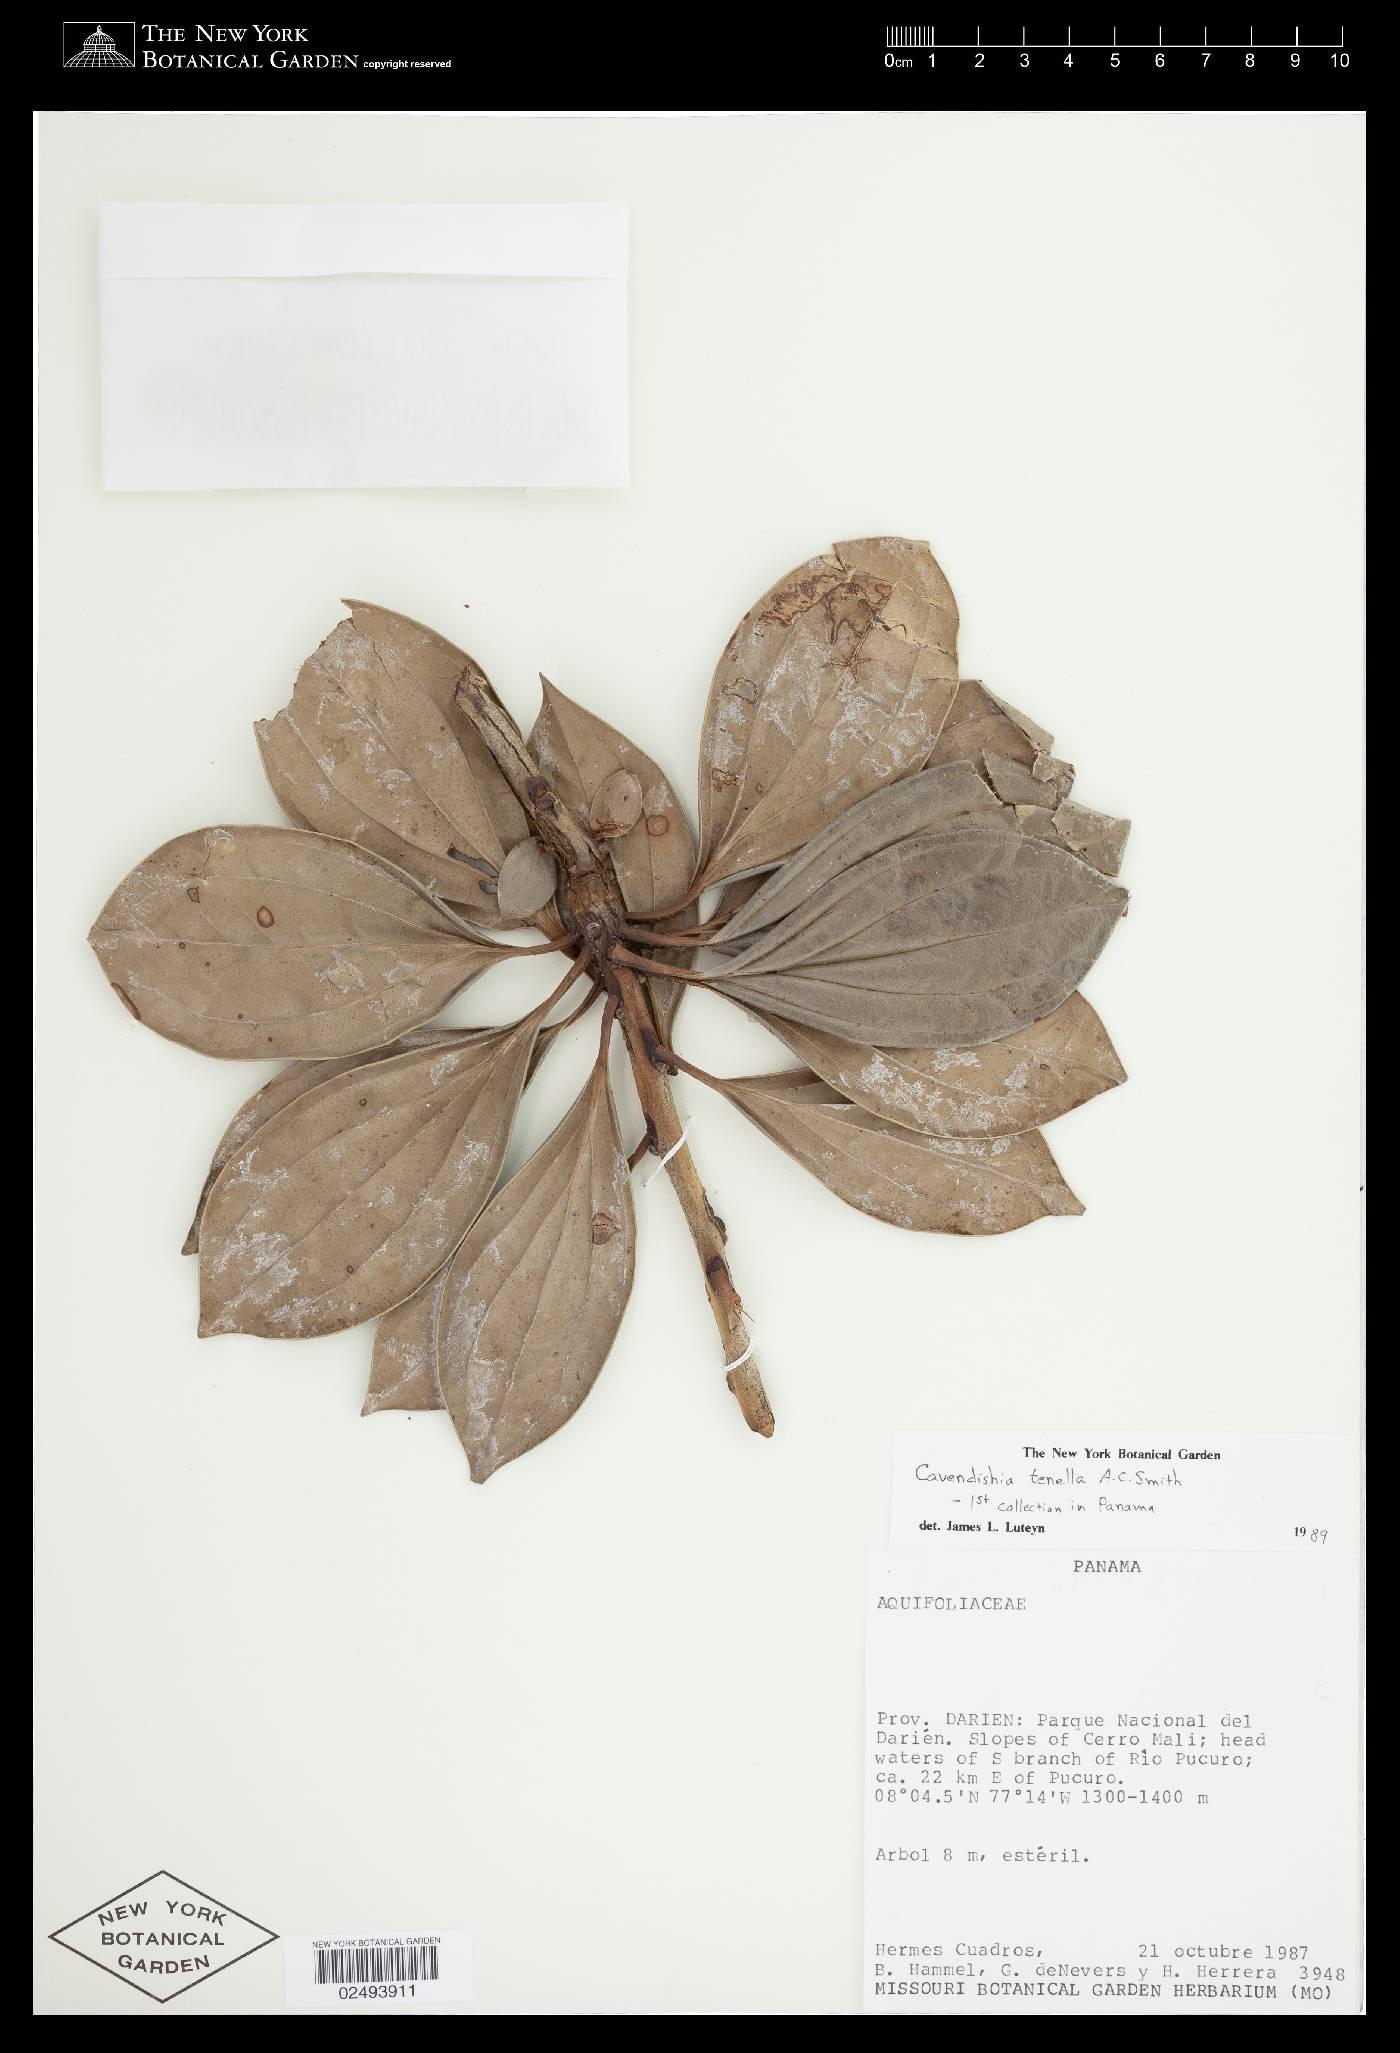 Cavendishia tenella image